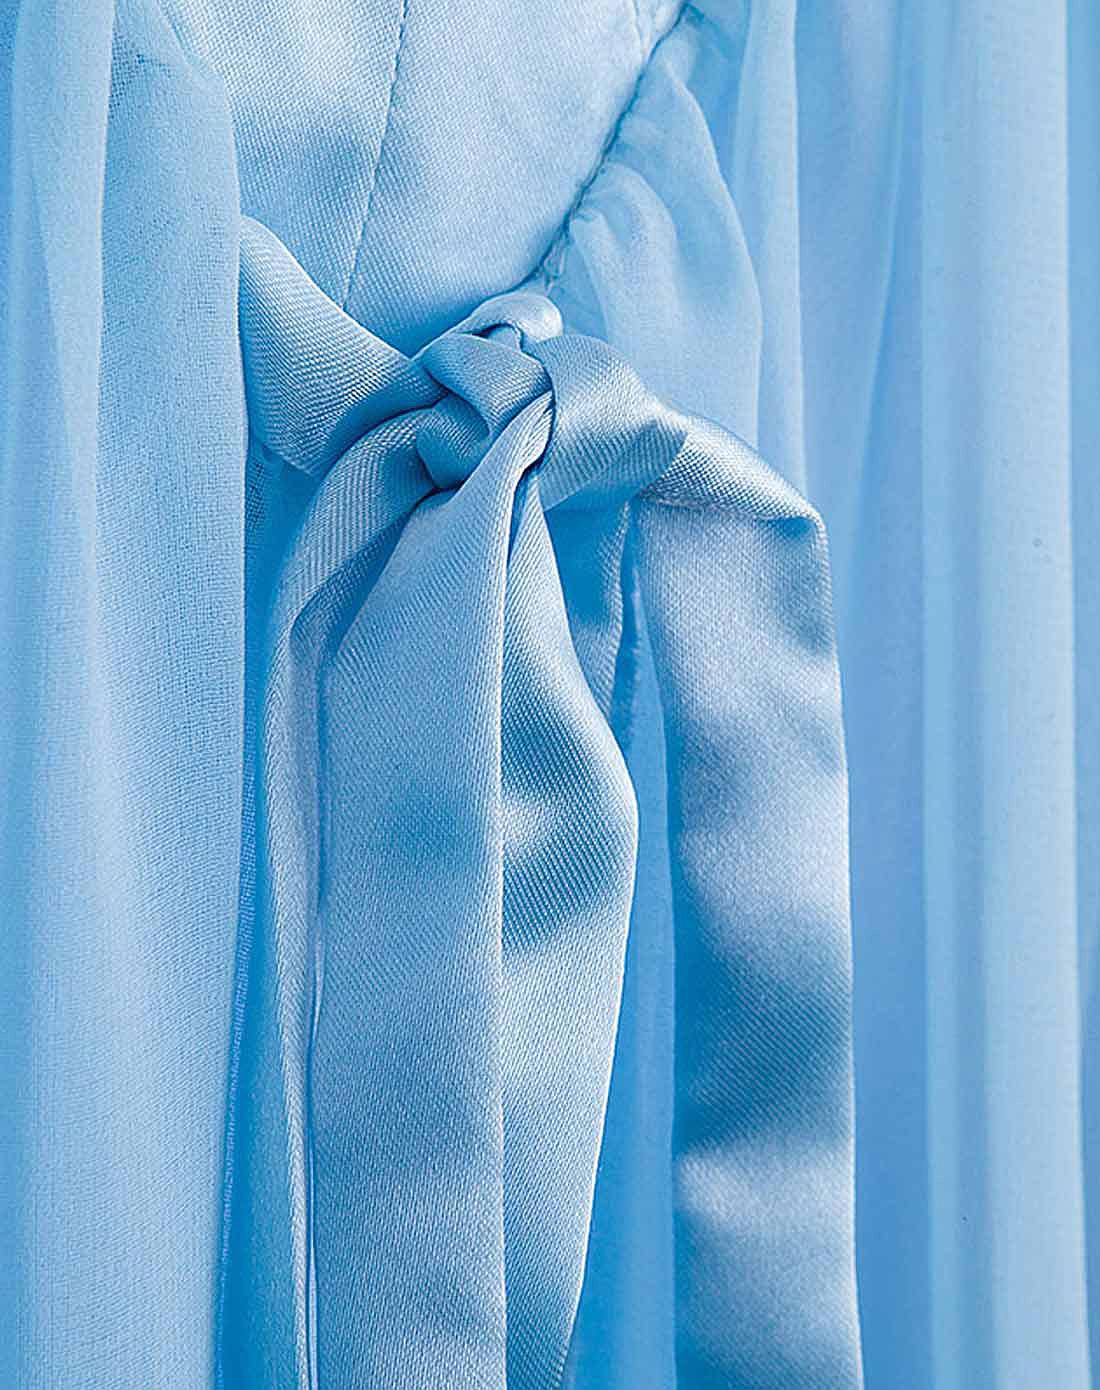 蓝色布艺贴图素材